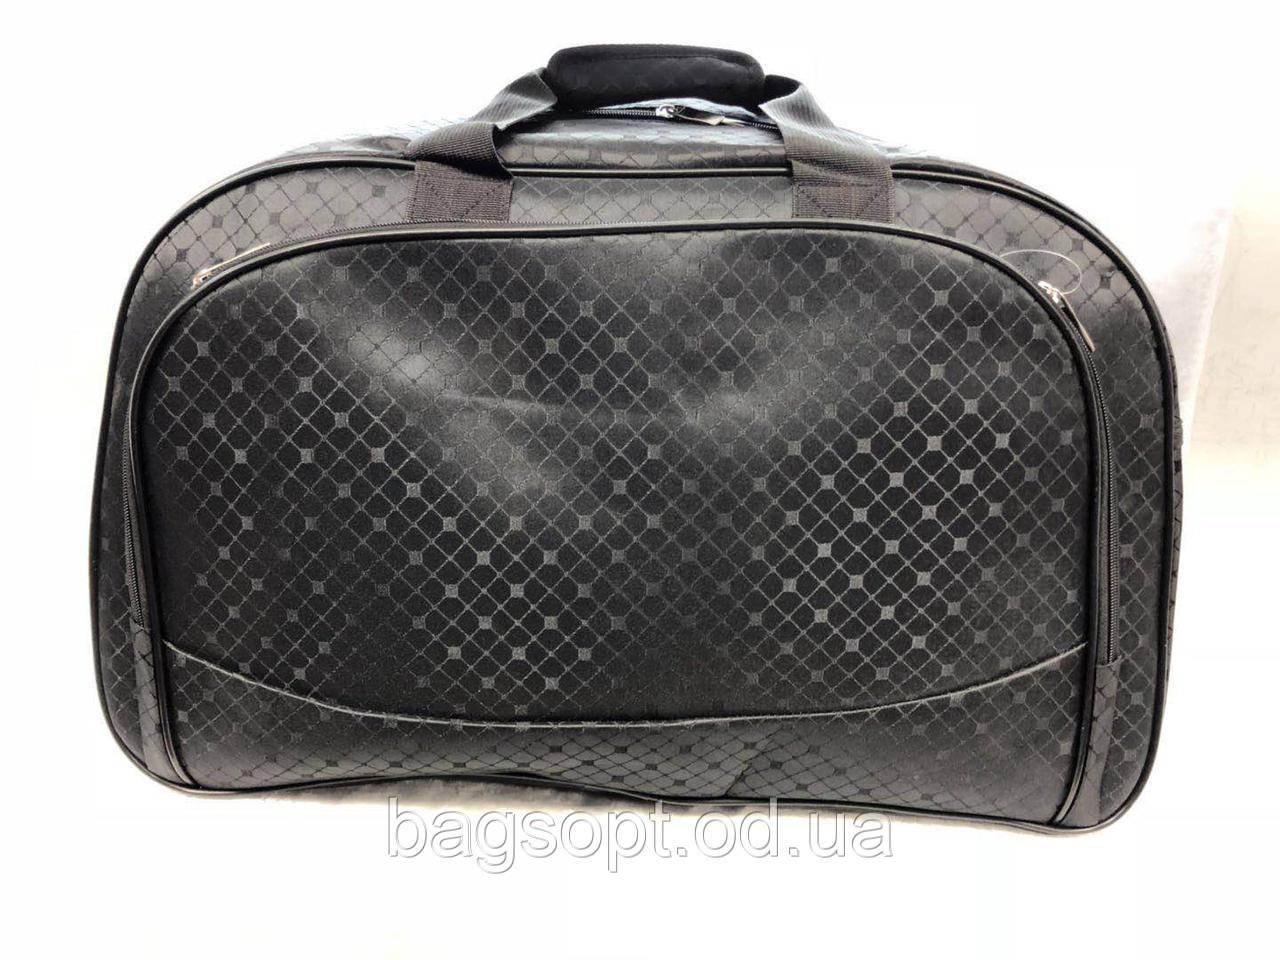 Черная дорожная большая сумка-саквояж текстильная